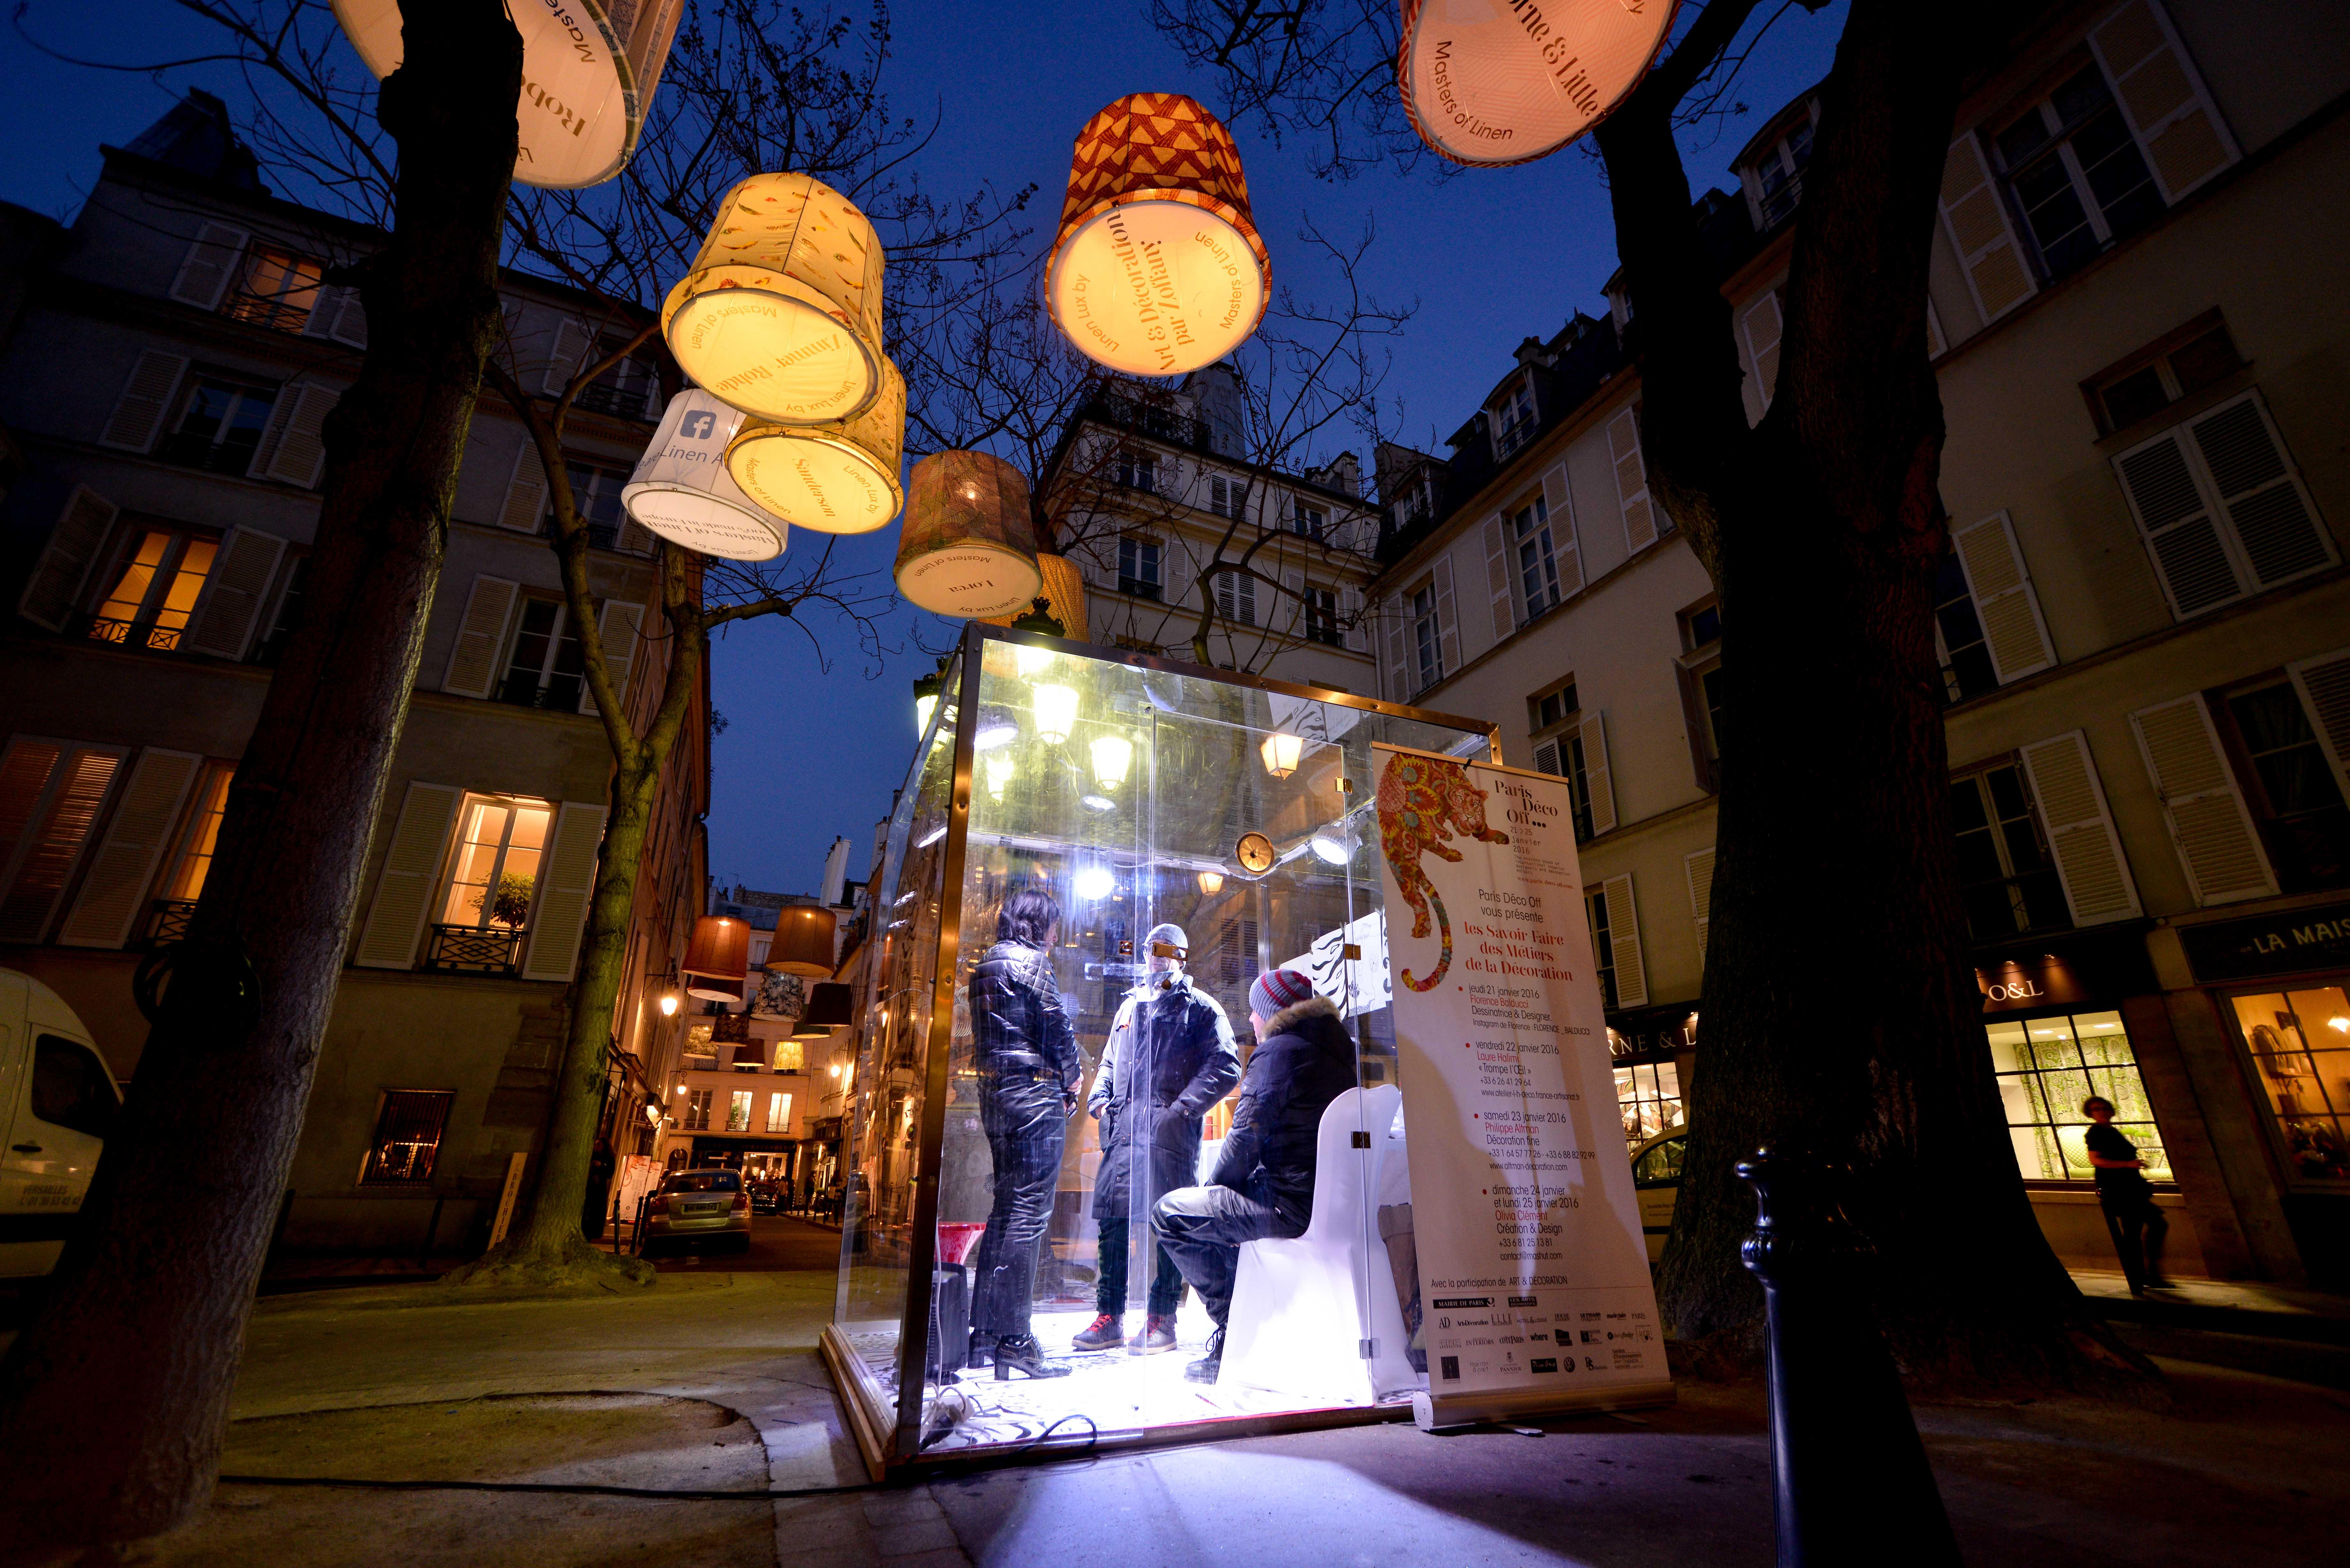 Paris déco off lights up design world